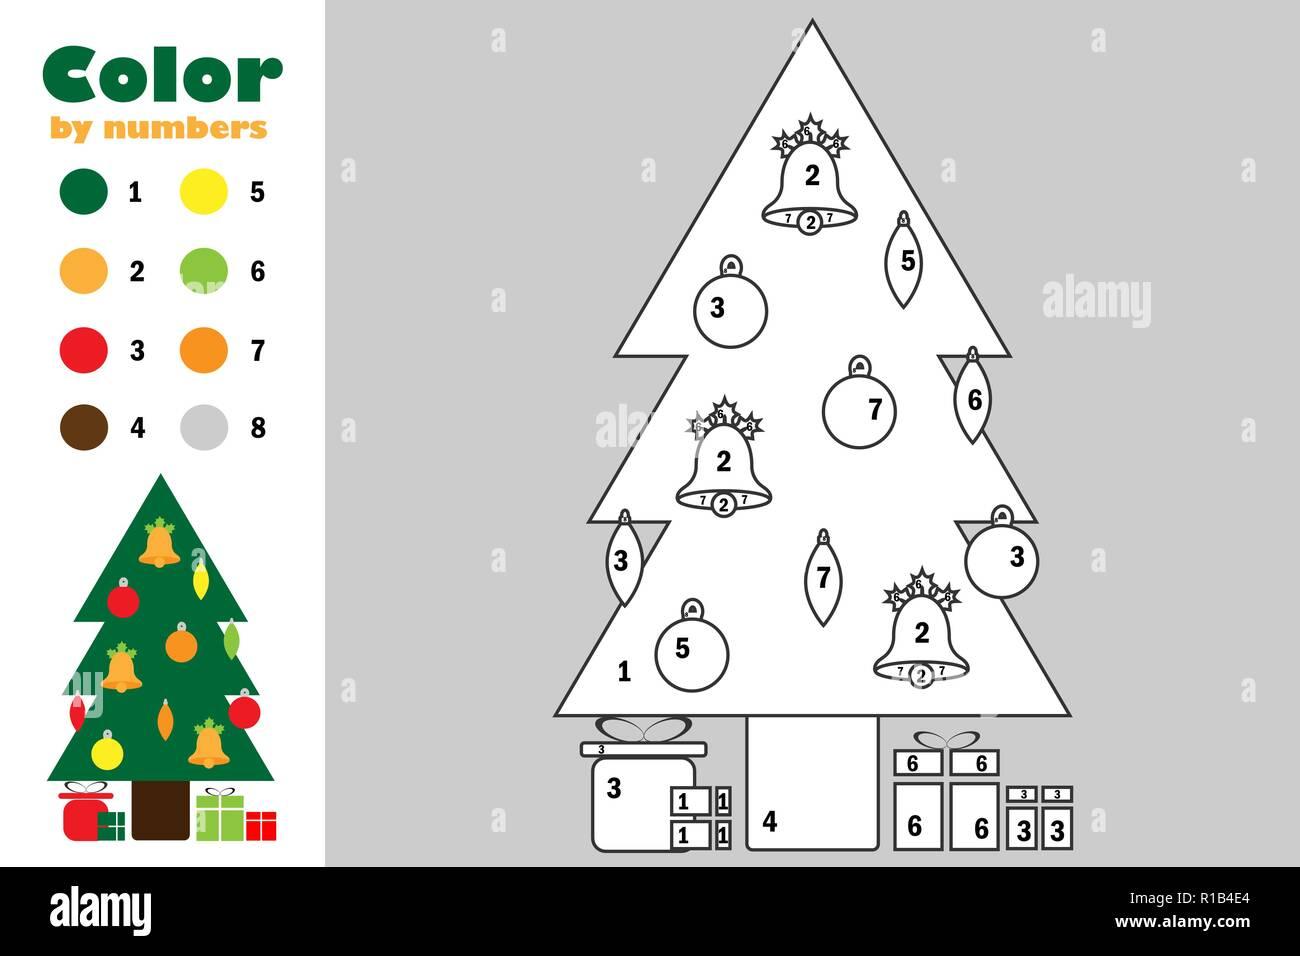 árbol De Navidad En El Estilo De Dibujos Animados Color Por